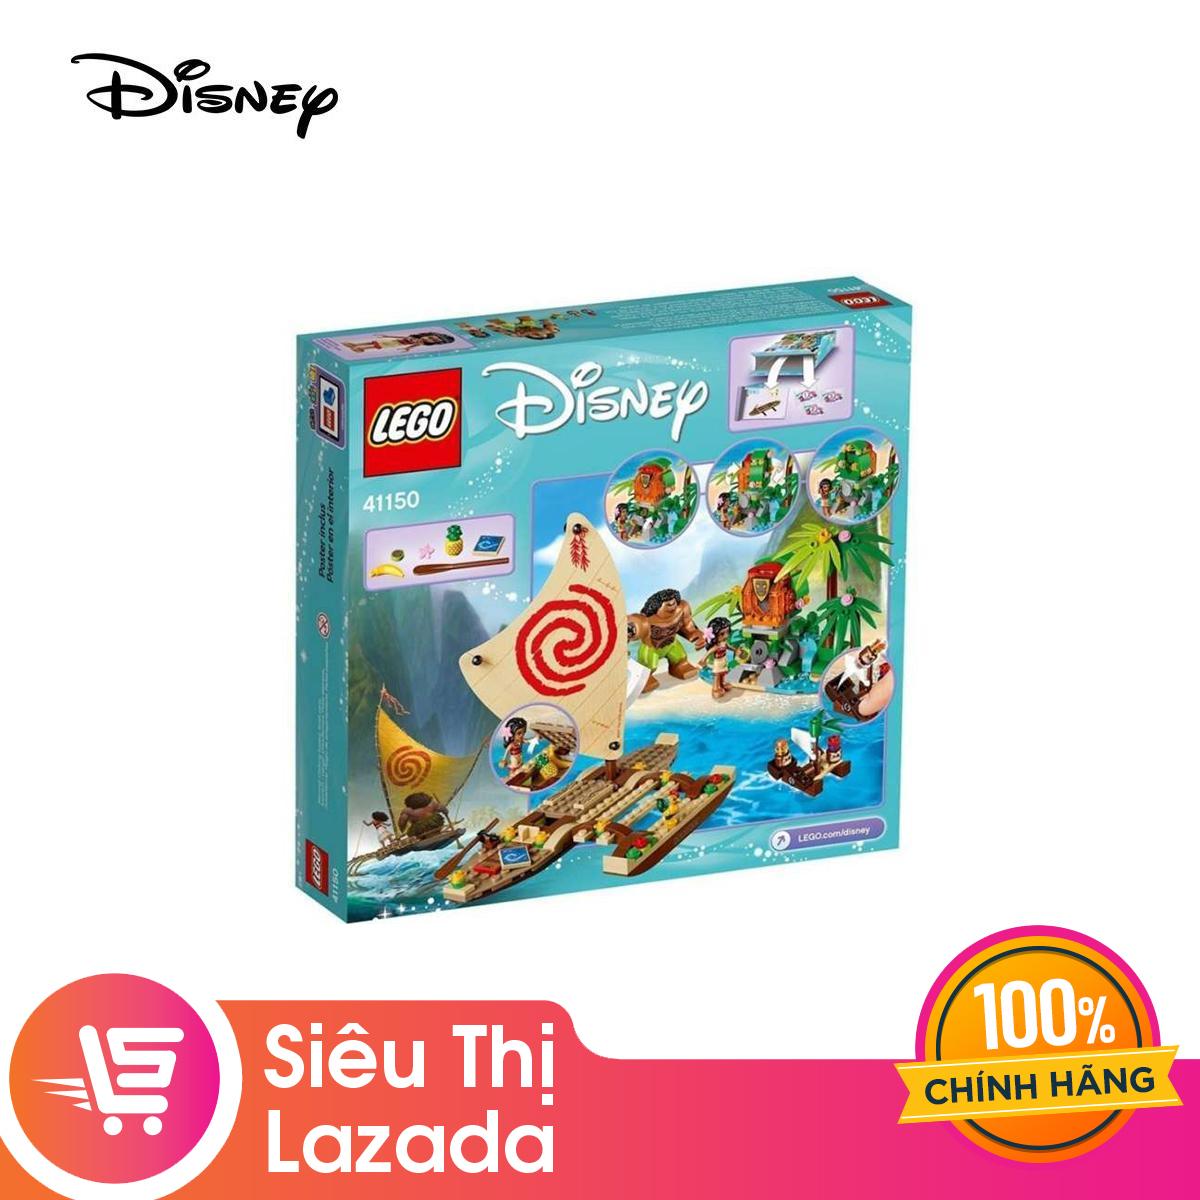 Lazada Ưu Đãi Khi Mua [Voucher Freeship 30k]Bộ Lắp Ráp Lego Disney Moana Hành Trình Khám Phá đại Dương 41150